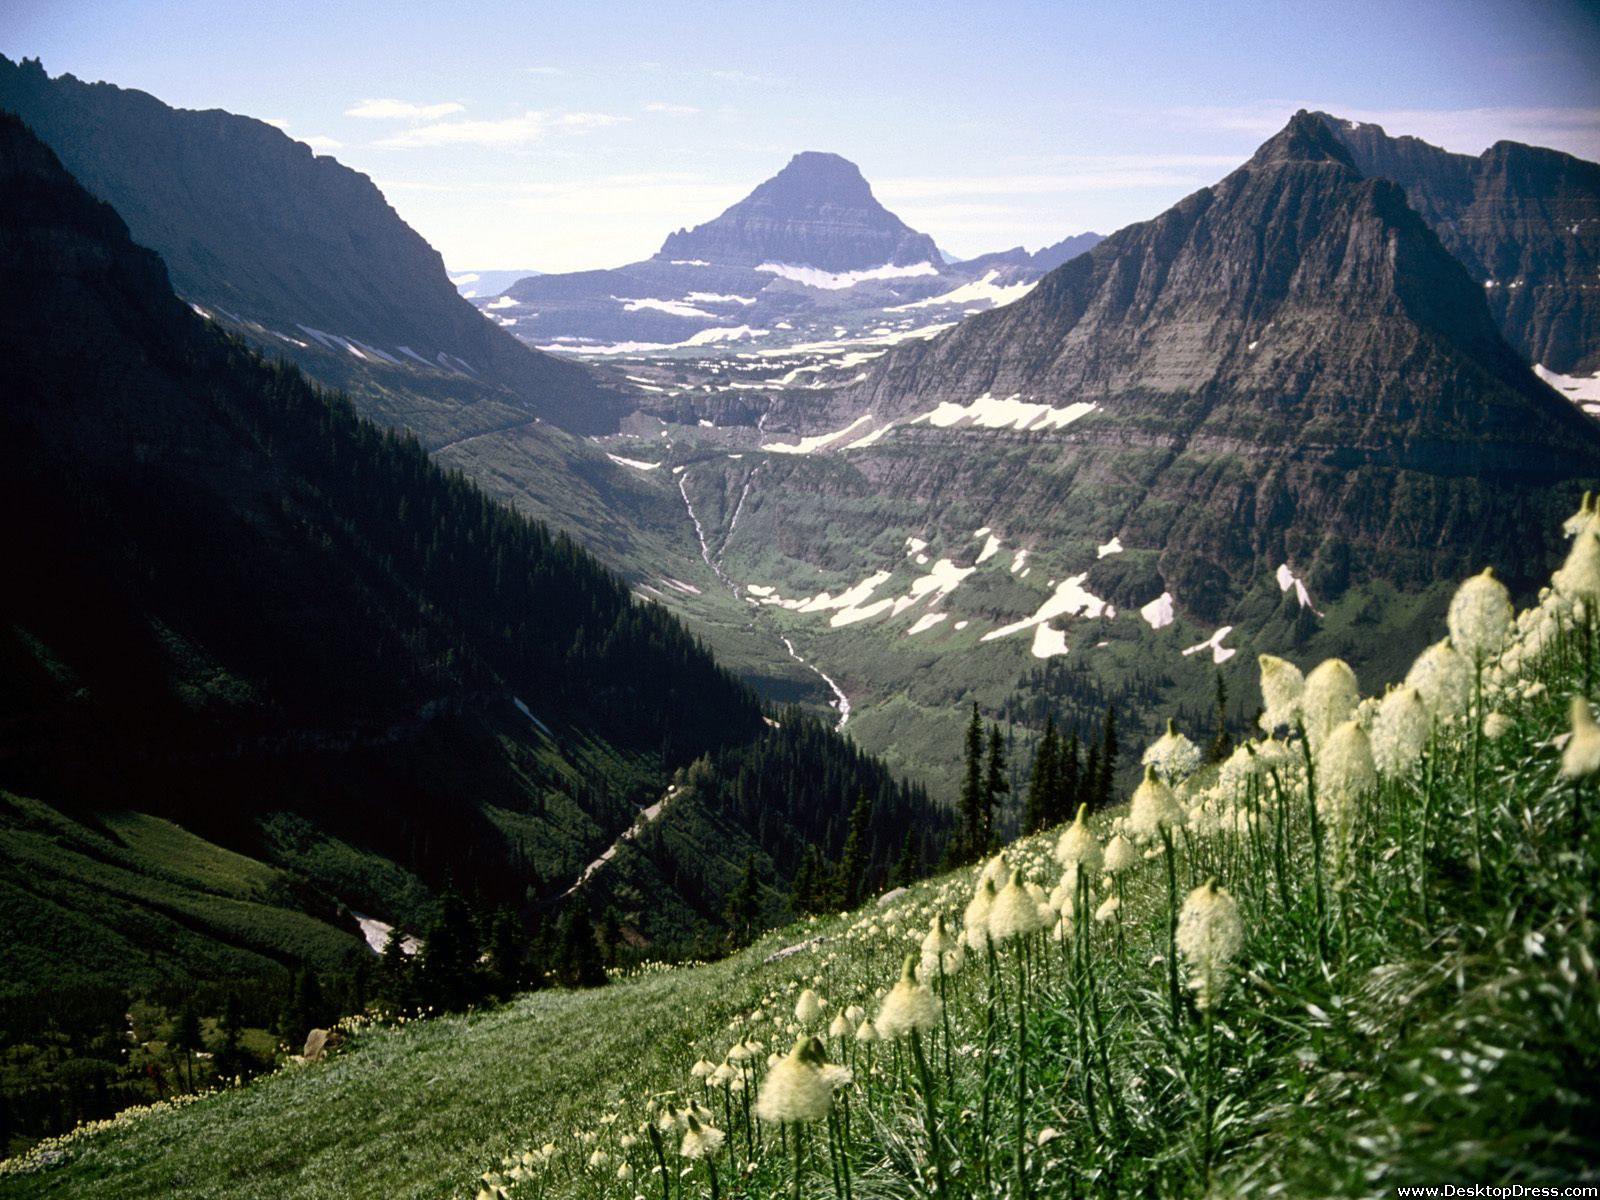 Desktop Wallpapers Natural Backgrounds Mount Reynolds Glacier 1600x1200